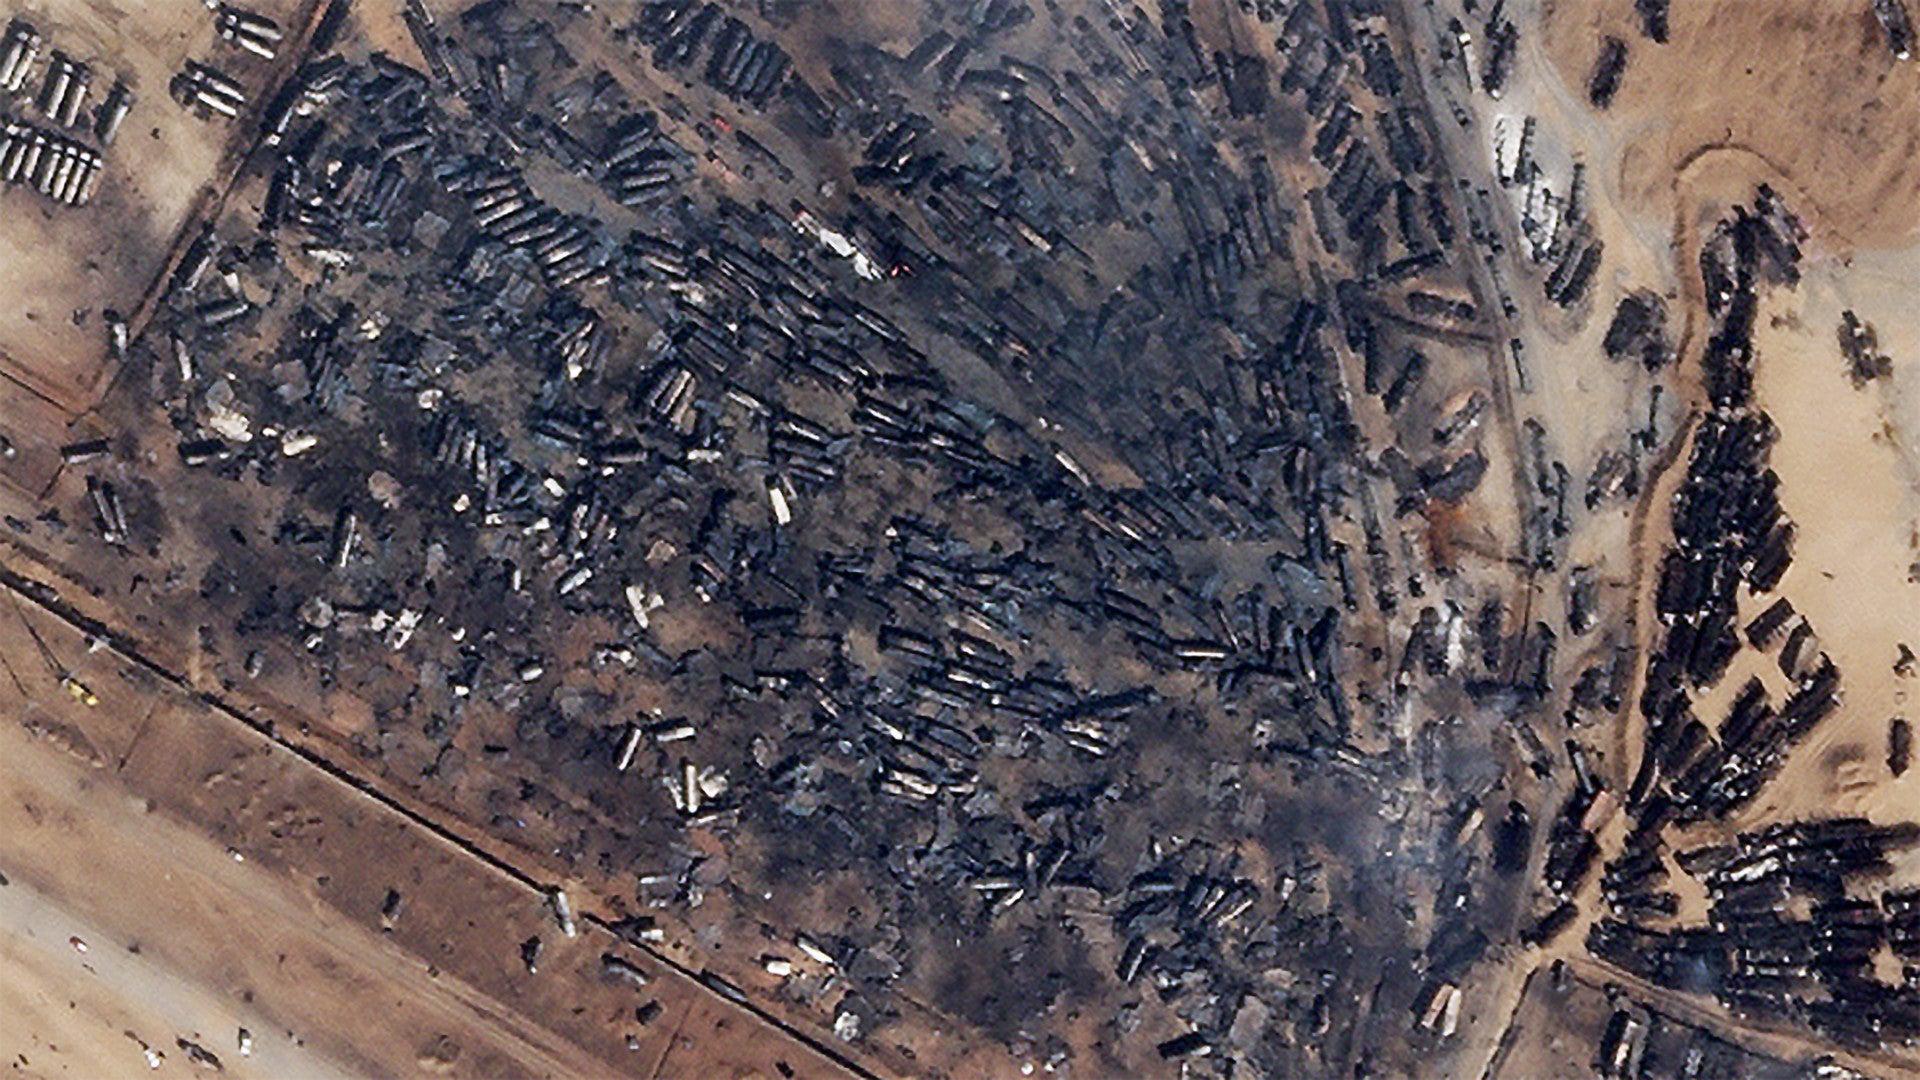 阿富汗伊朗边境口岸大爆炸,数百辆油罐车成为废铁,高层下令彻查